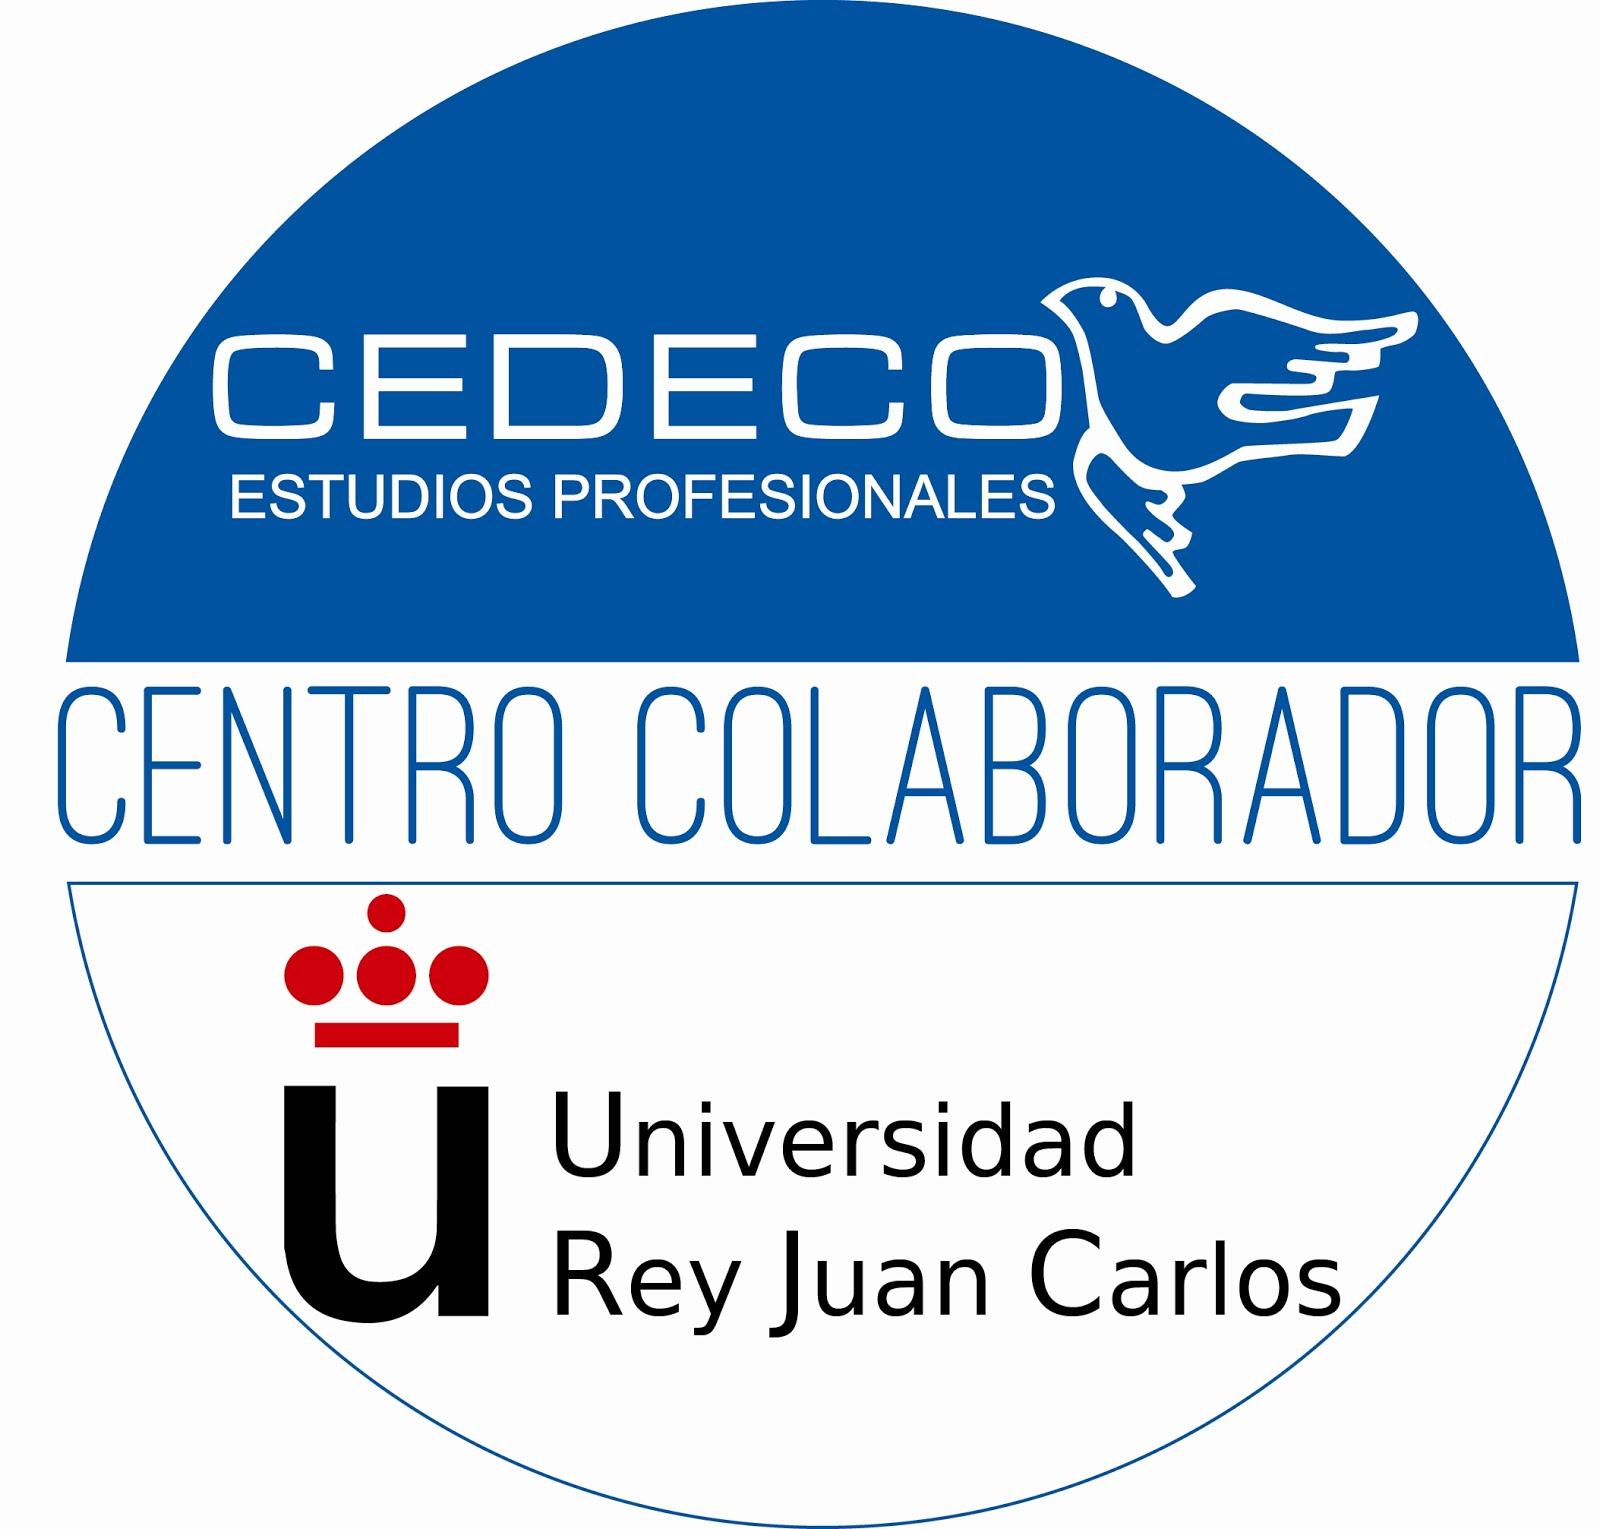 Centro colaborador